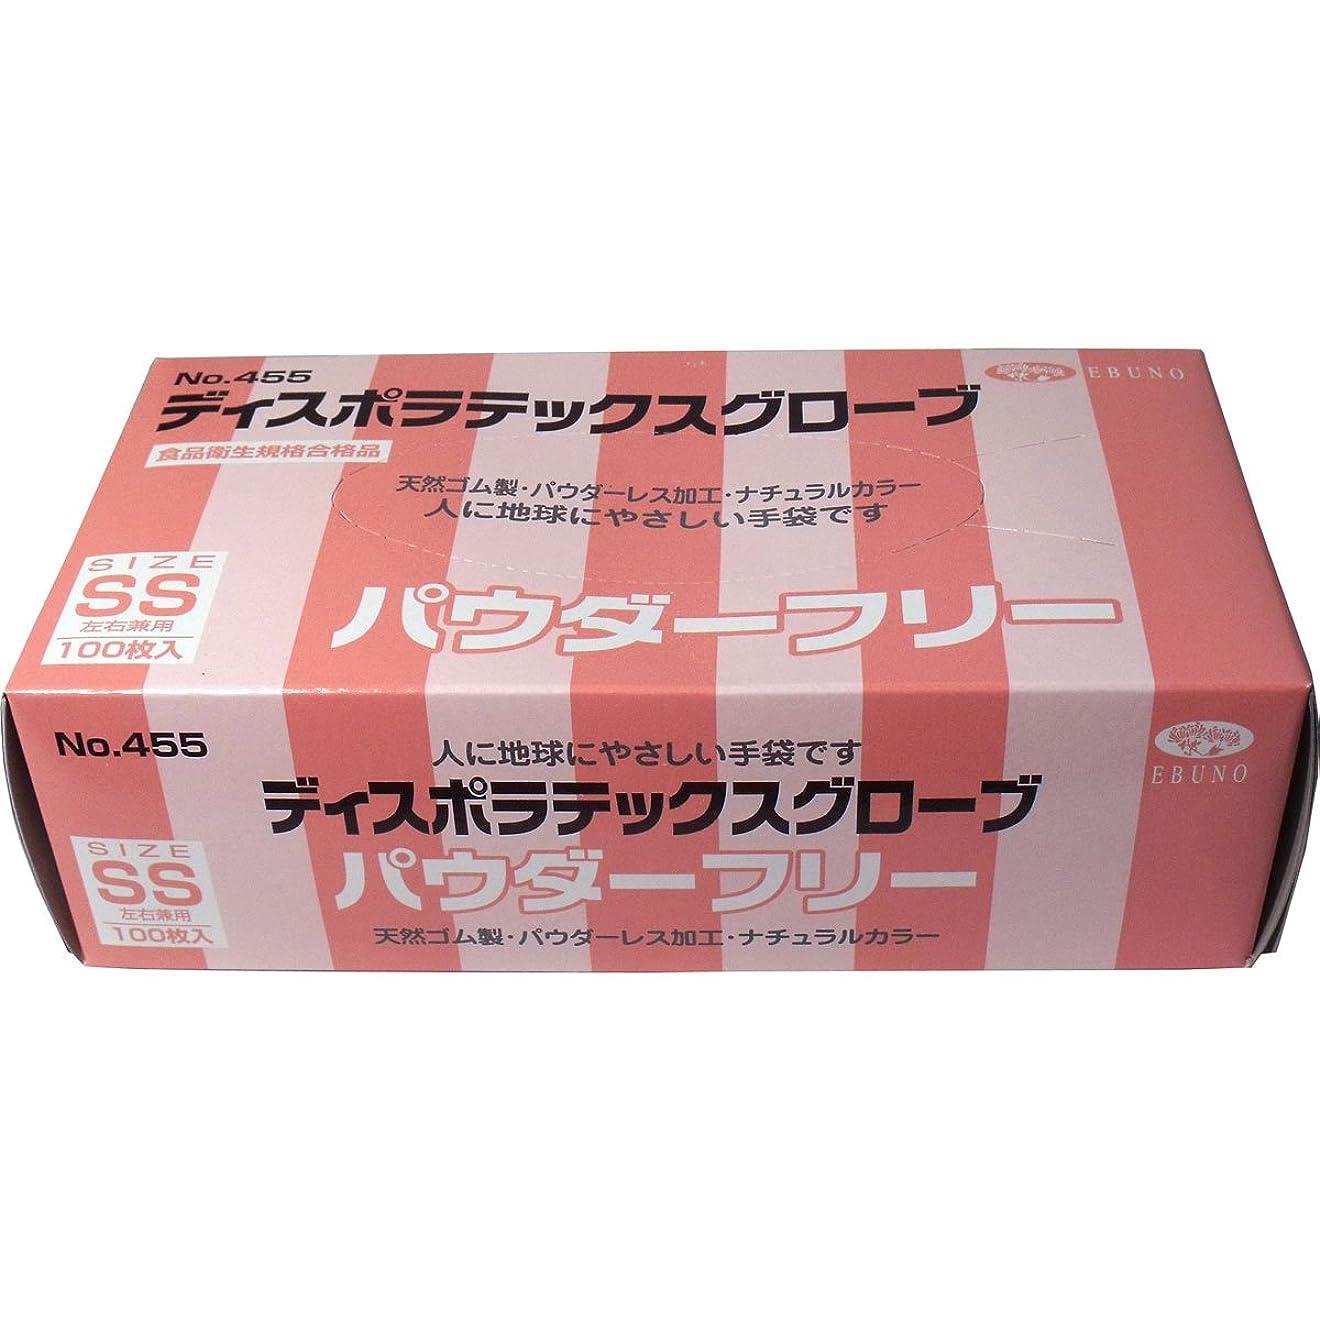 十代の若者たち竜巻イルディスポ ラテックスグローブ(天然ゴム手袋) パウダーフリー SSサイズ 100枚入 ×6個セット